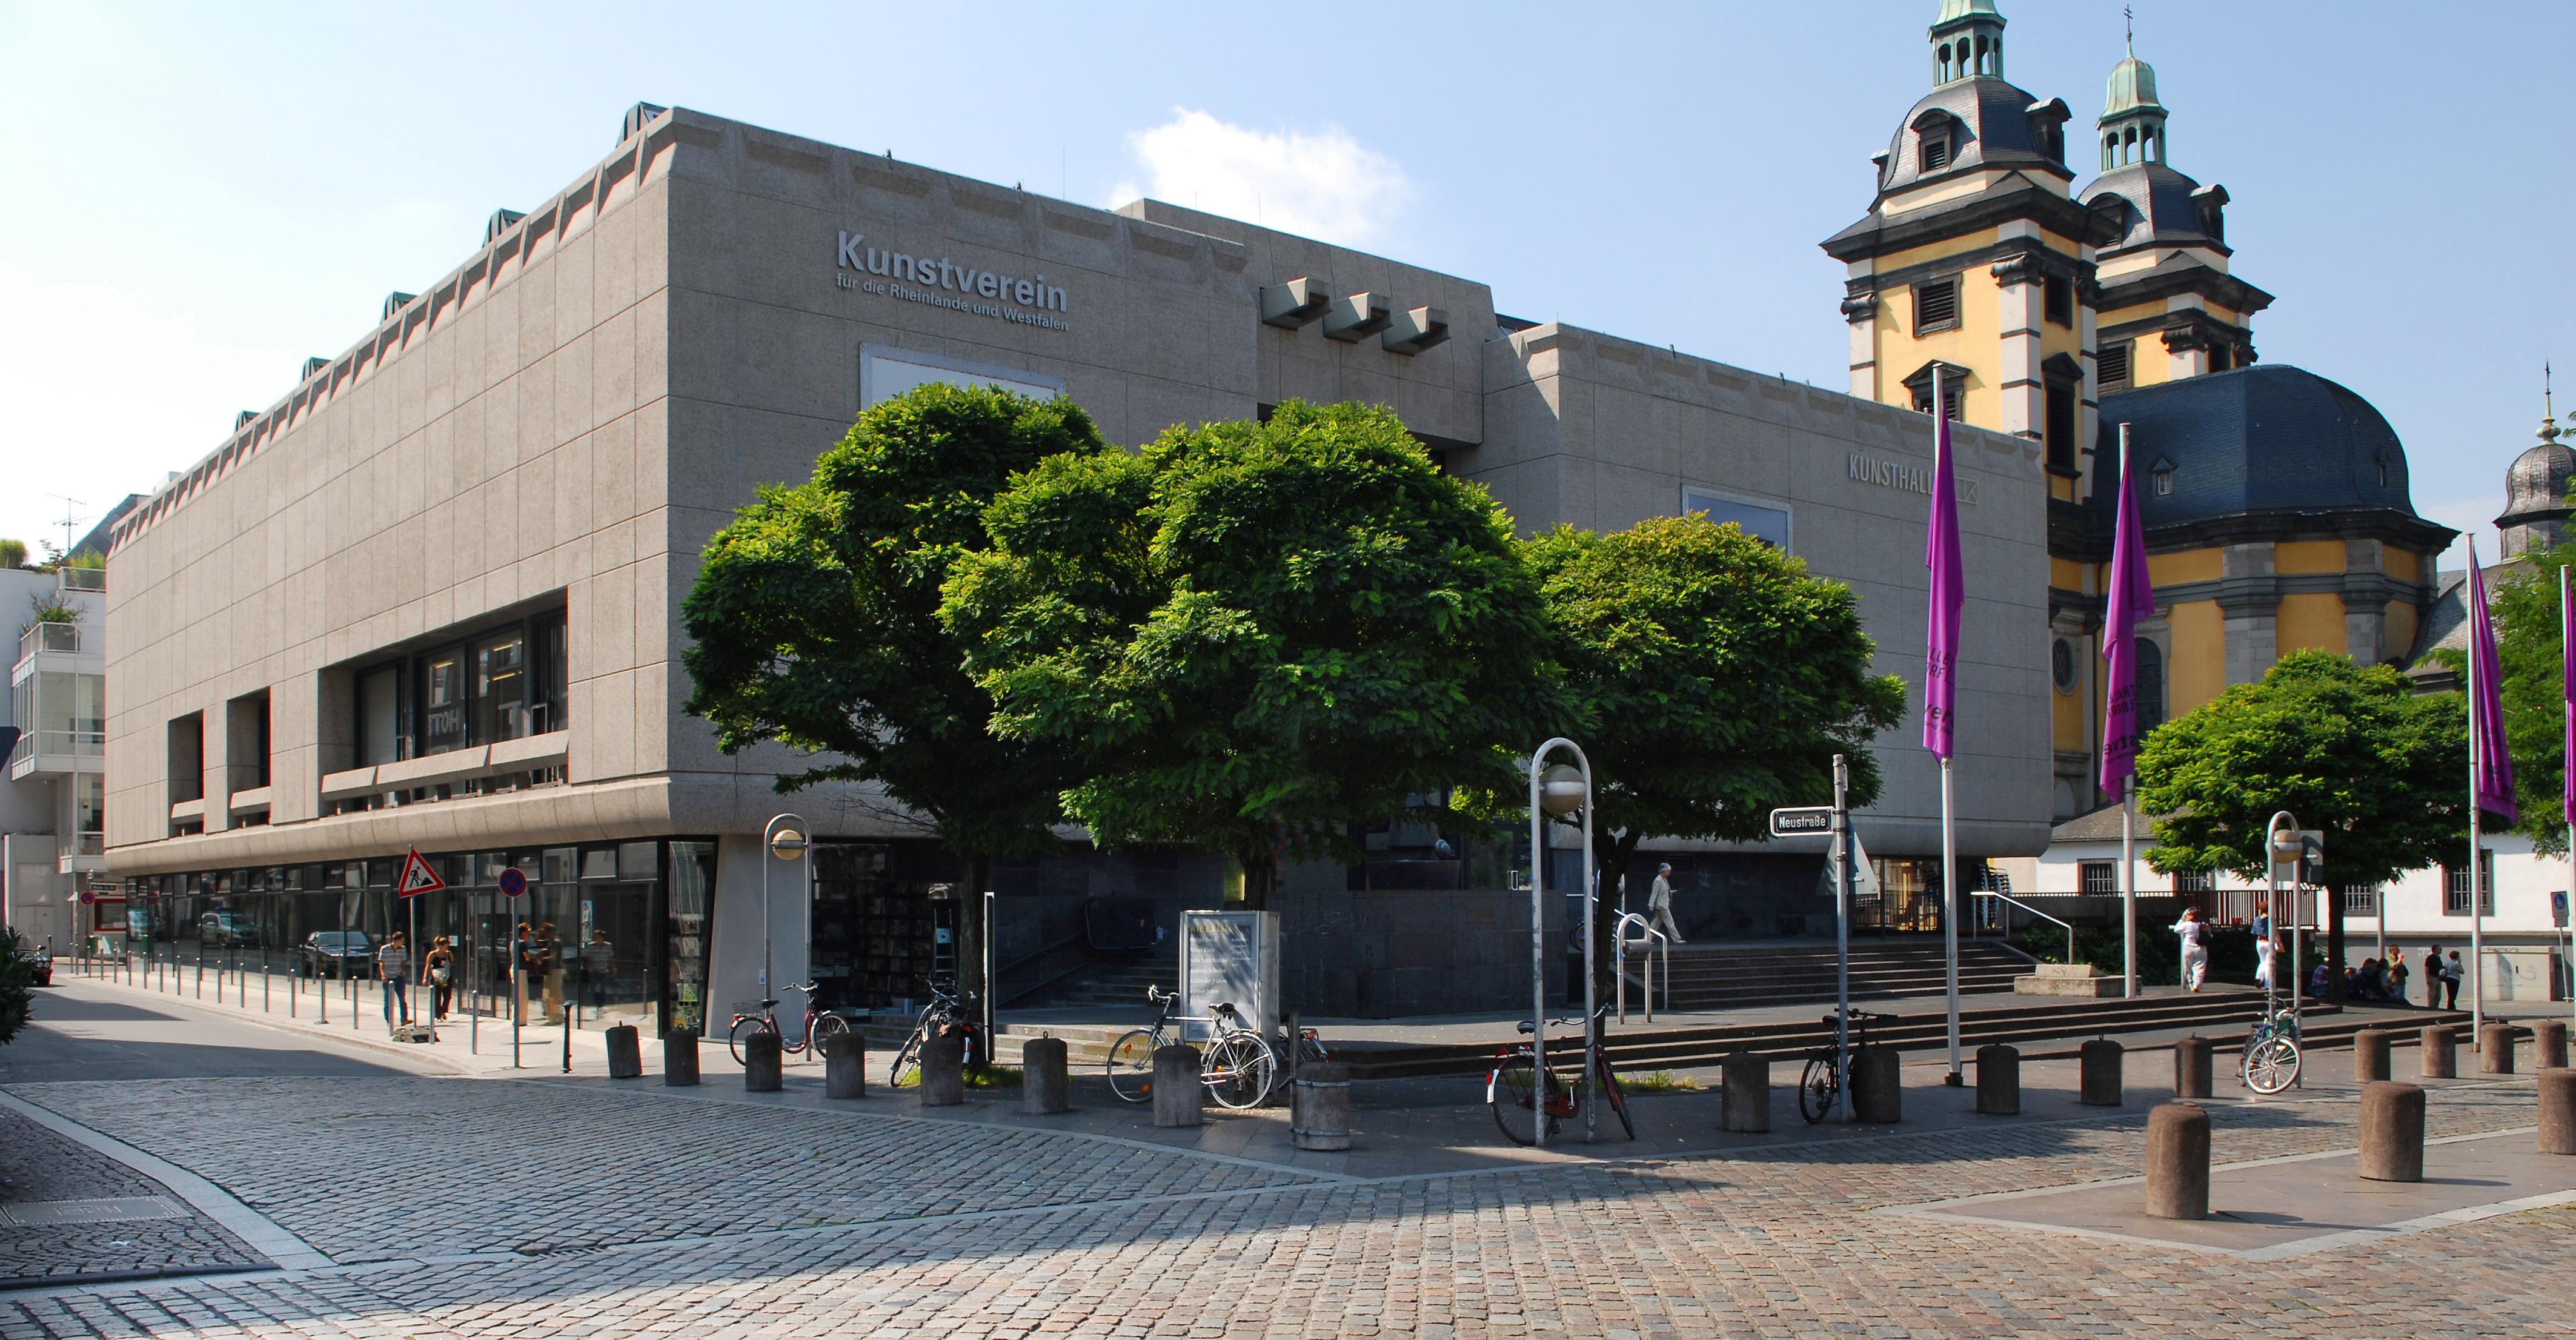 Kunsthalle Dusseldorf 01 2016 Beitrage Youpod De